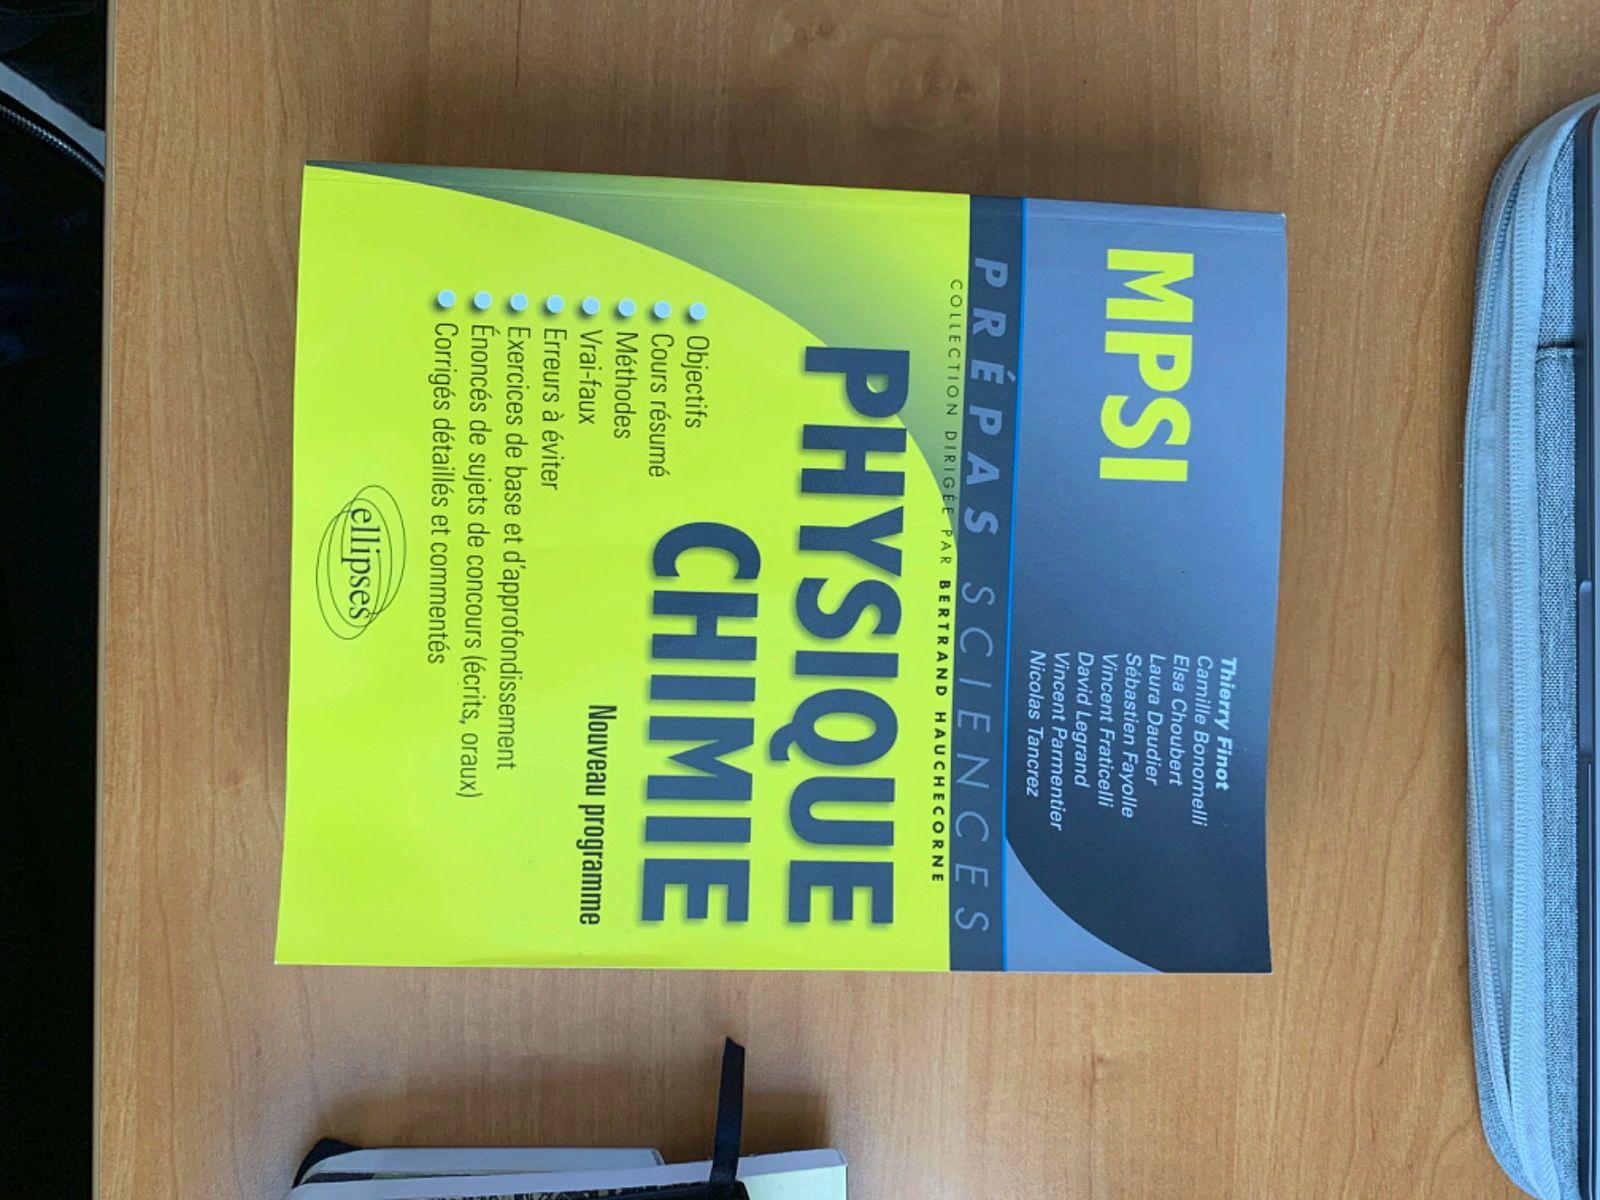 Vends Livre Ellipses prépa / CPGE MPSI maths physique